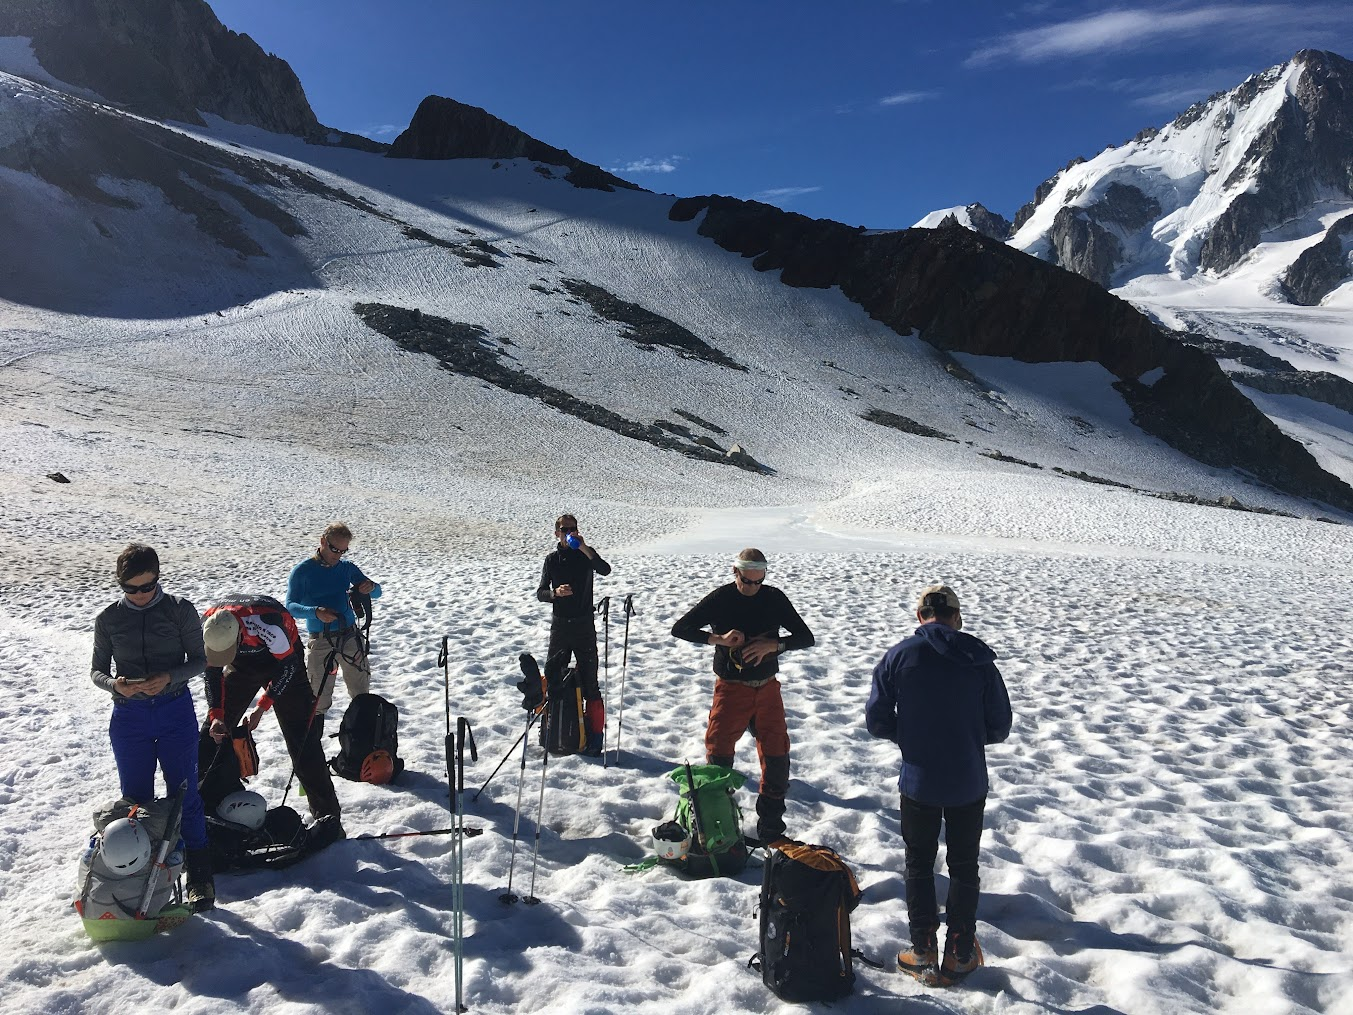 Terug op de gletsjer gaan na een pauze van 5 minuten, de stijgijzers weer onder de schoenen.